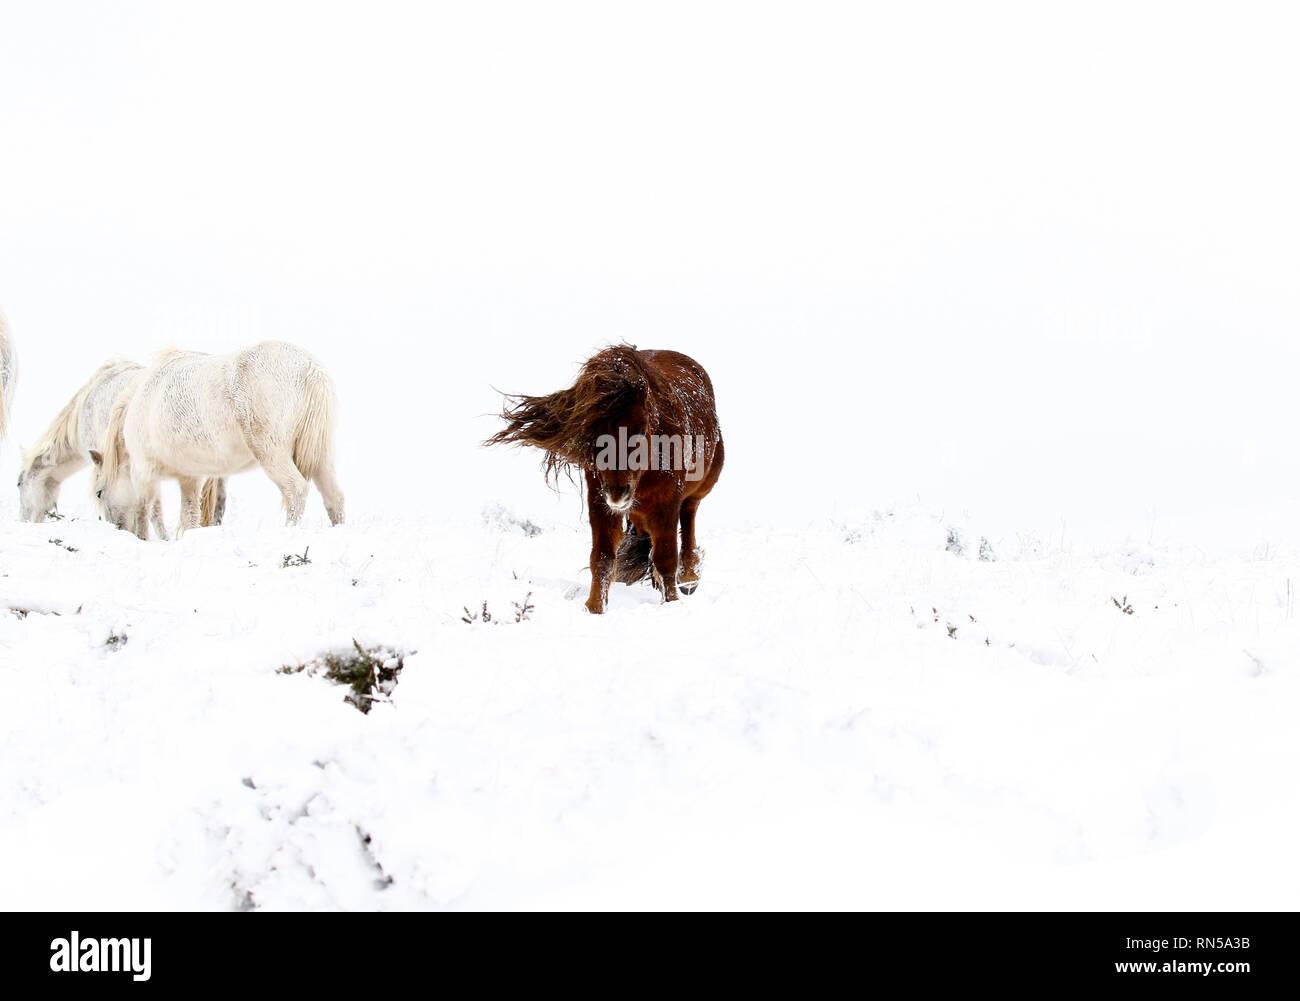 Winter wonderland in Dartmoor National Park - Stock Image